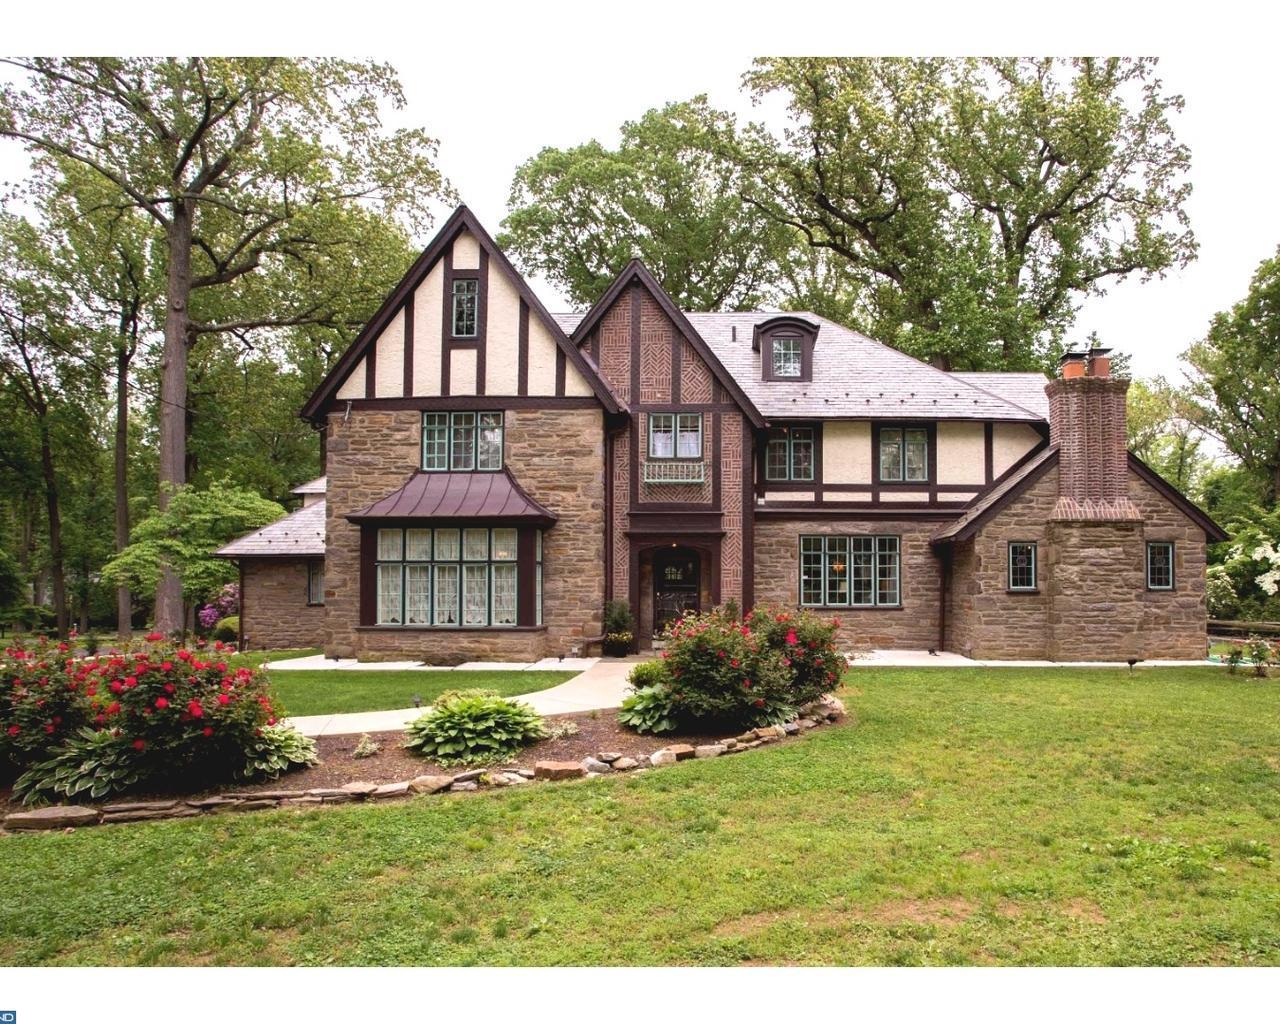 3 stately tudor homes for sale in greater philadelphia for Tudor style homes for sale